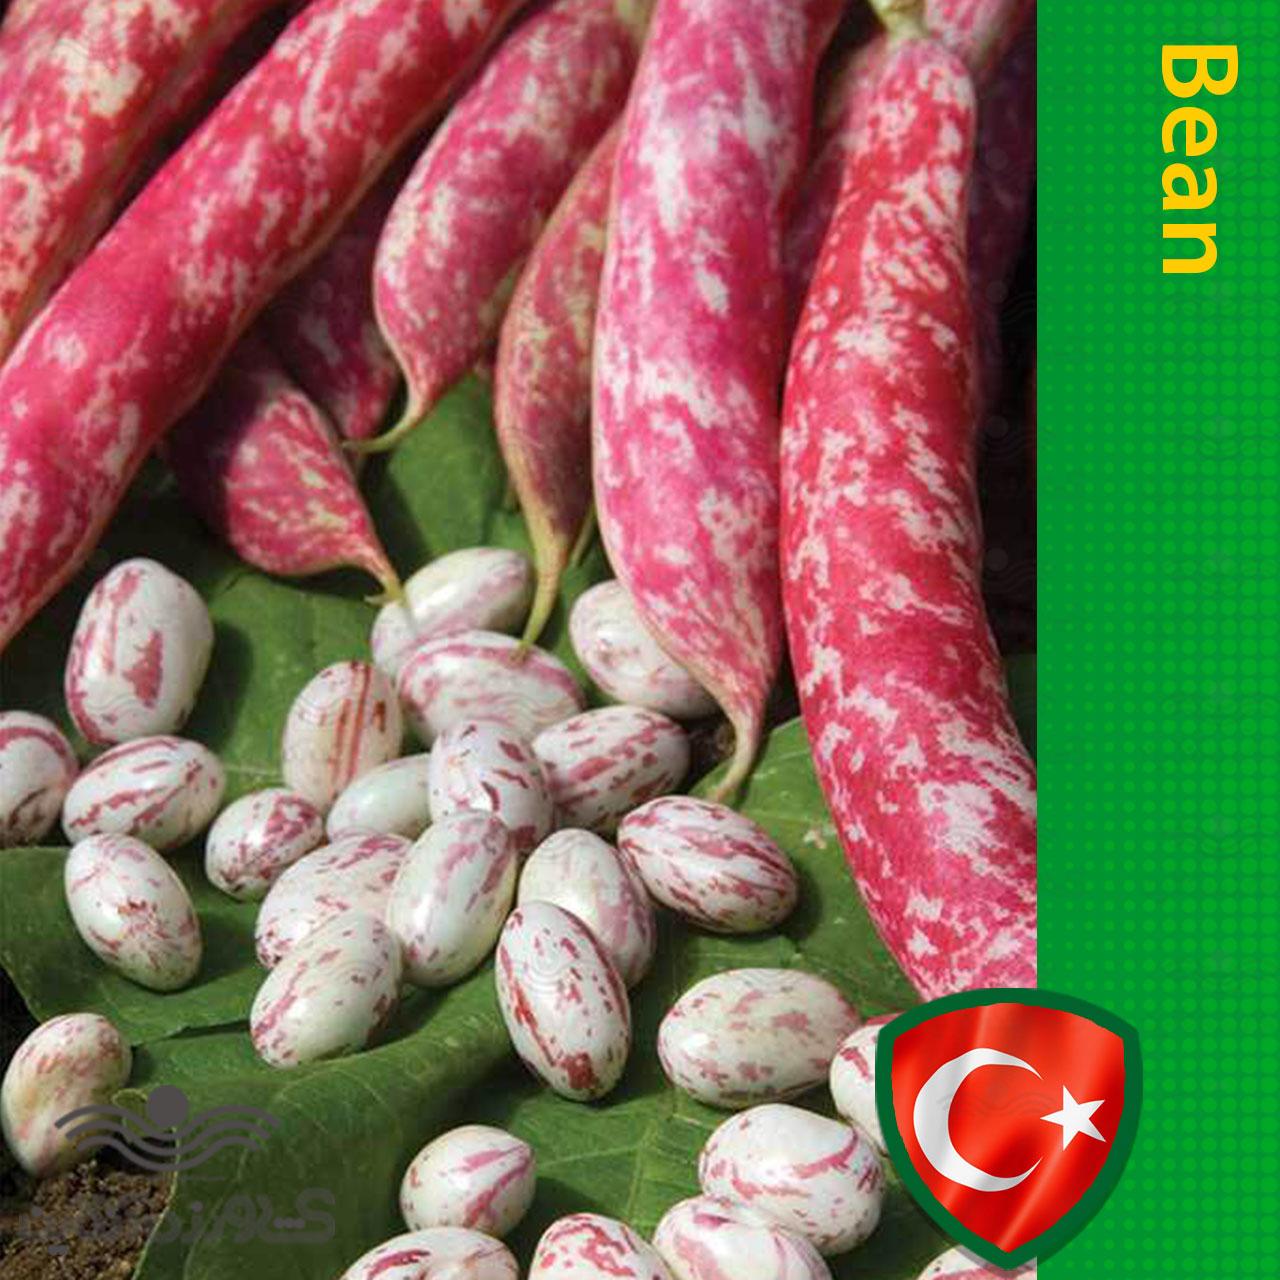 بذر لوبیا چیتی در بسته بندی خانگی